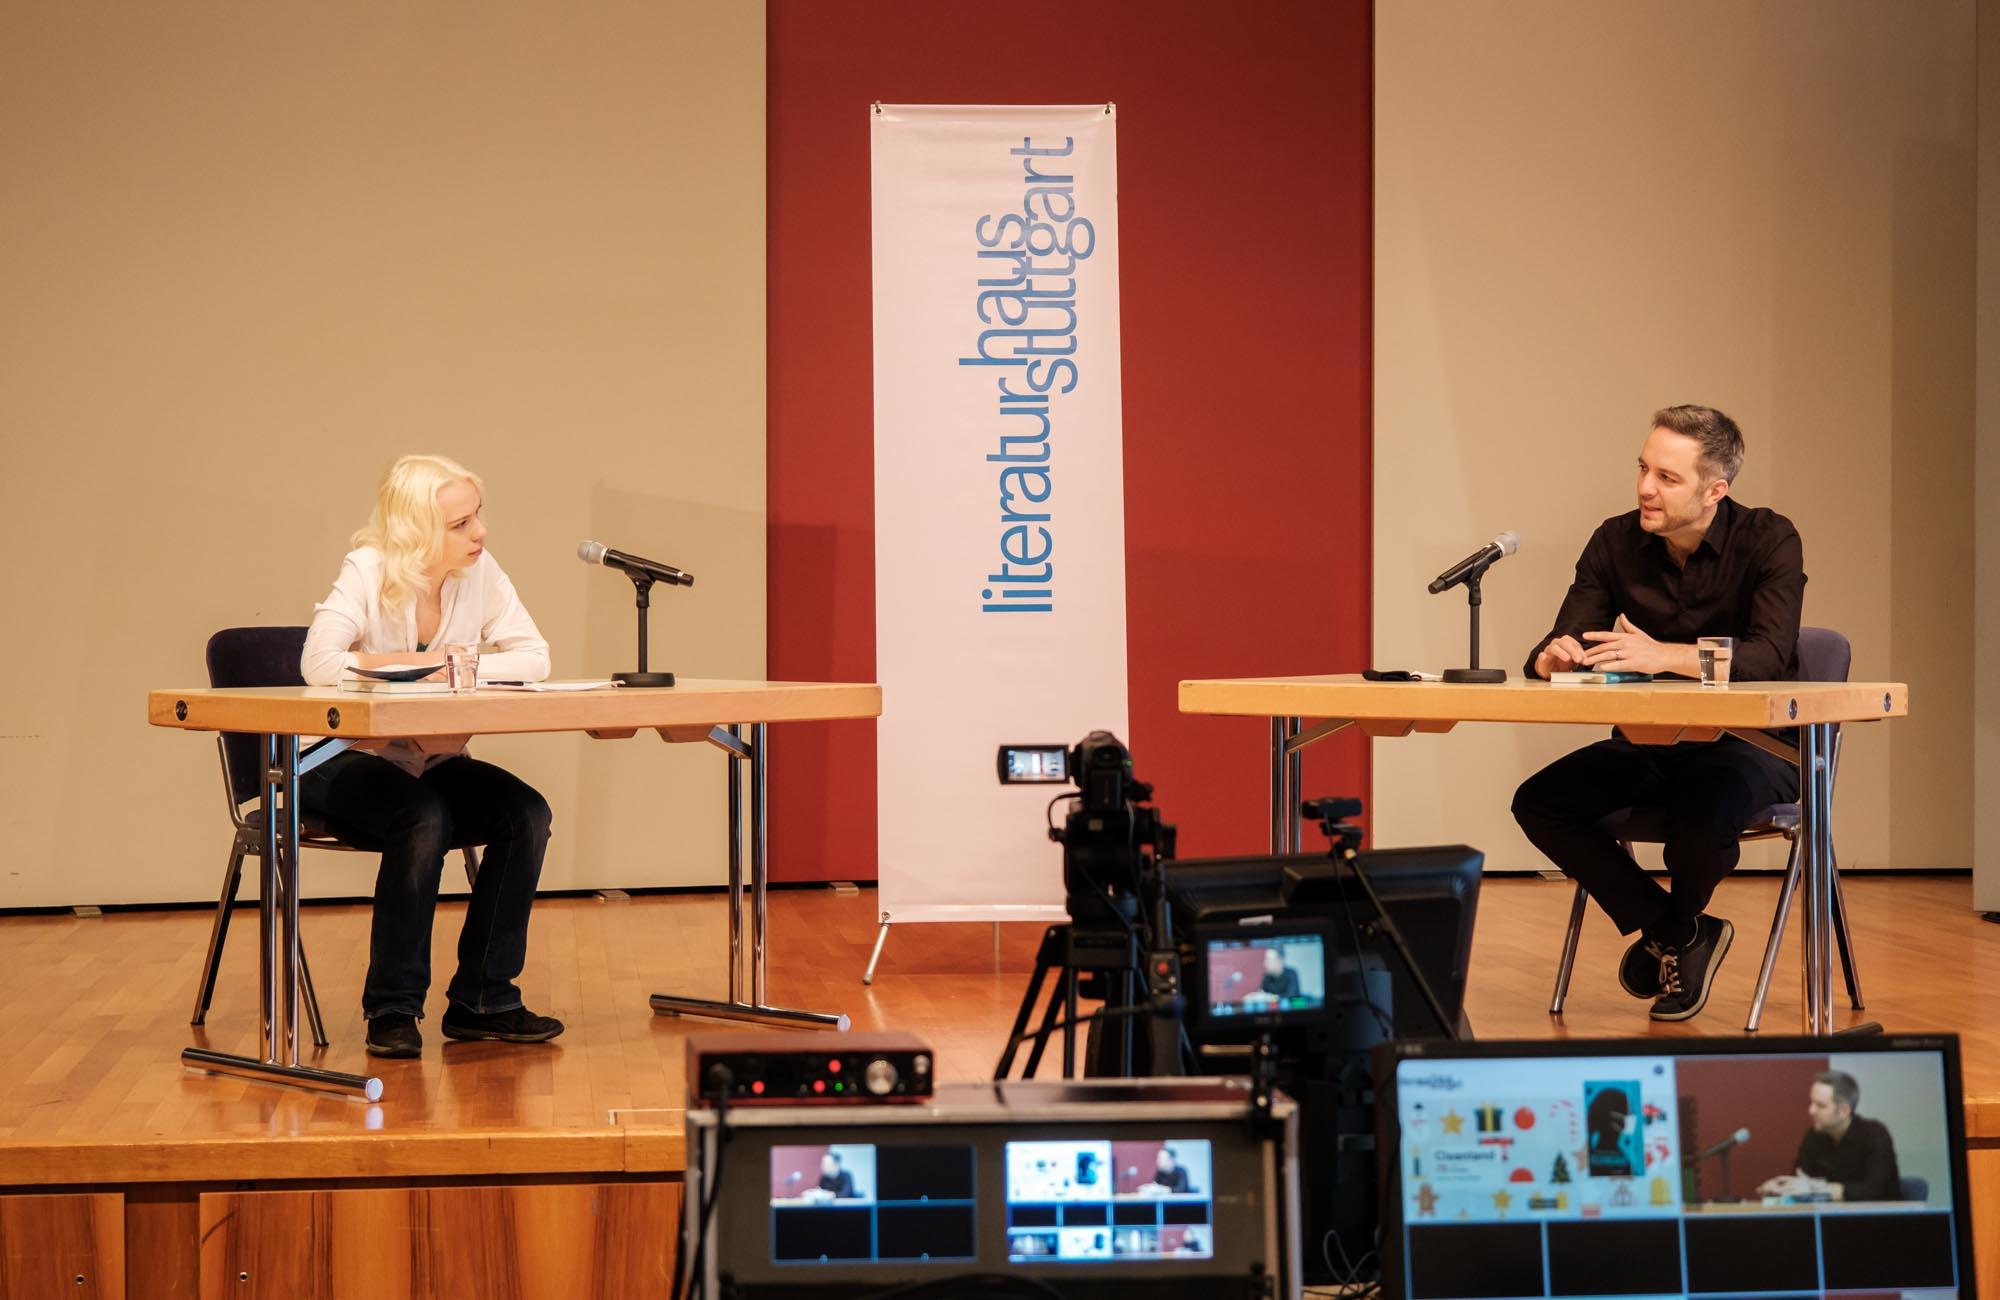 Martin Schäuble: Cleanland <br/>(c) Sebastian Wenzel